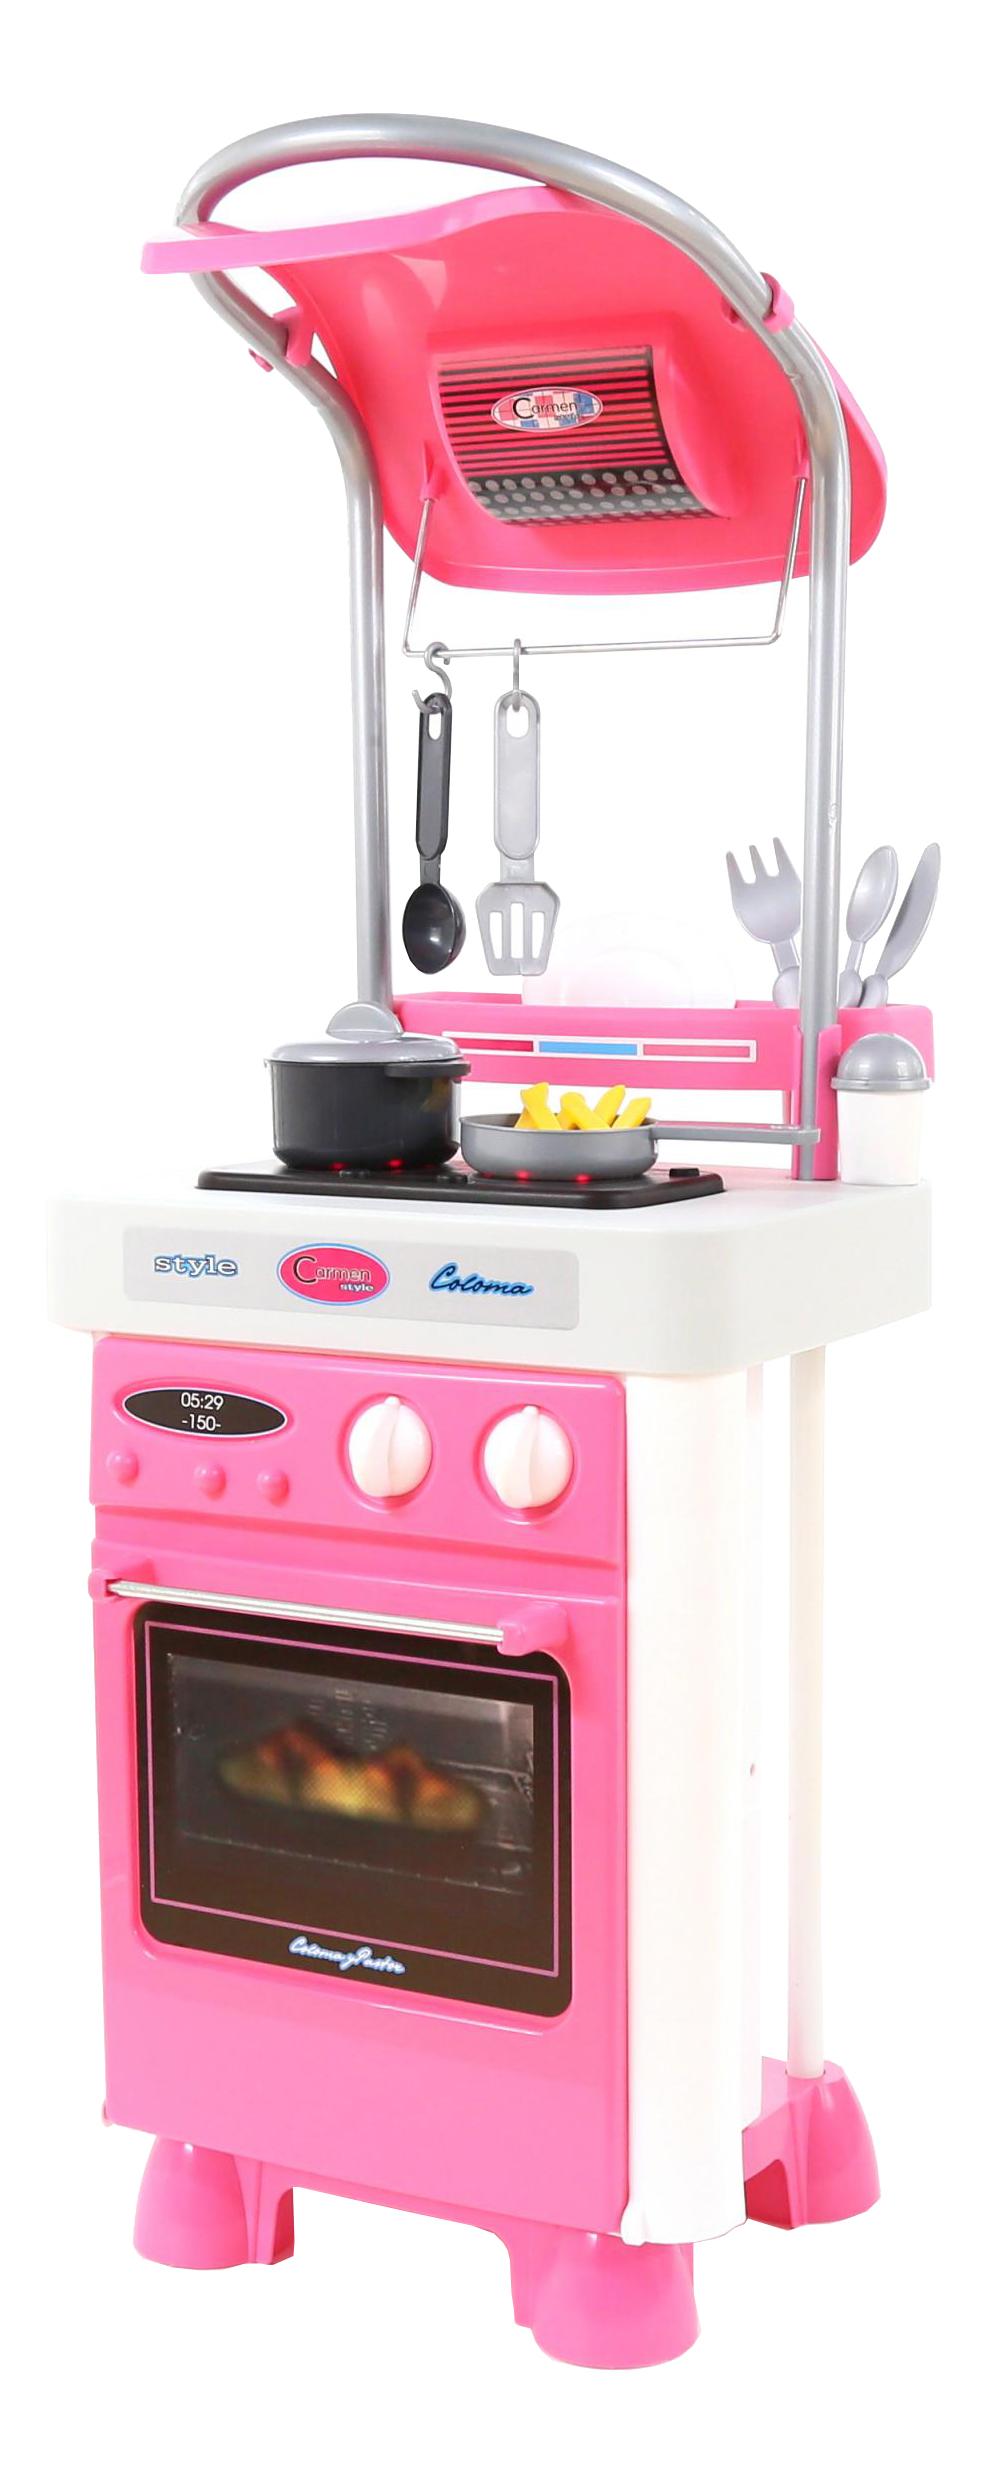 Купить Carmen №4, Набор Полесье Carmen с варочной панелью и духовым шкафом, Детская кухня